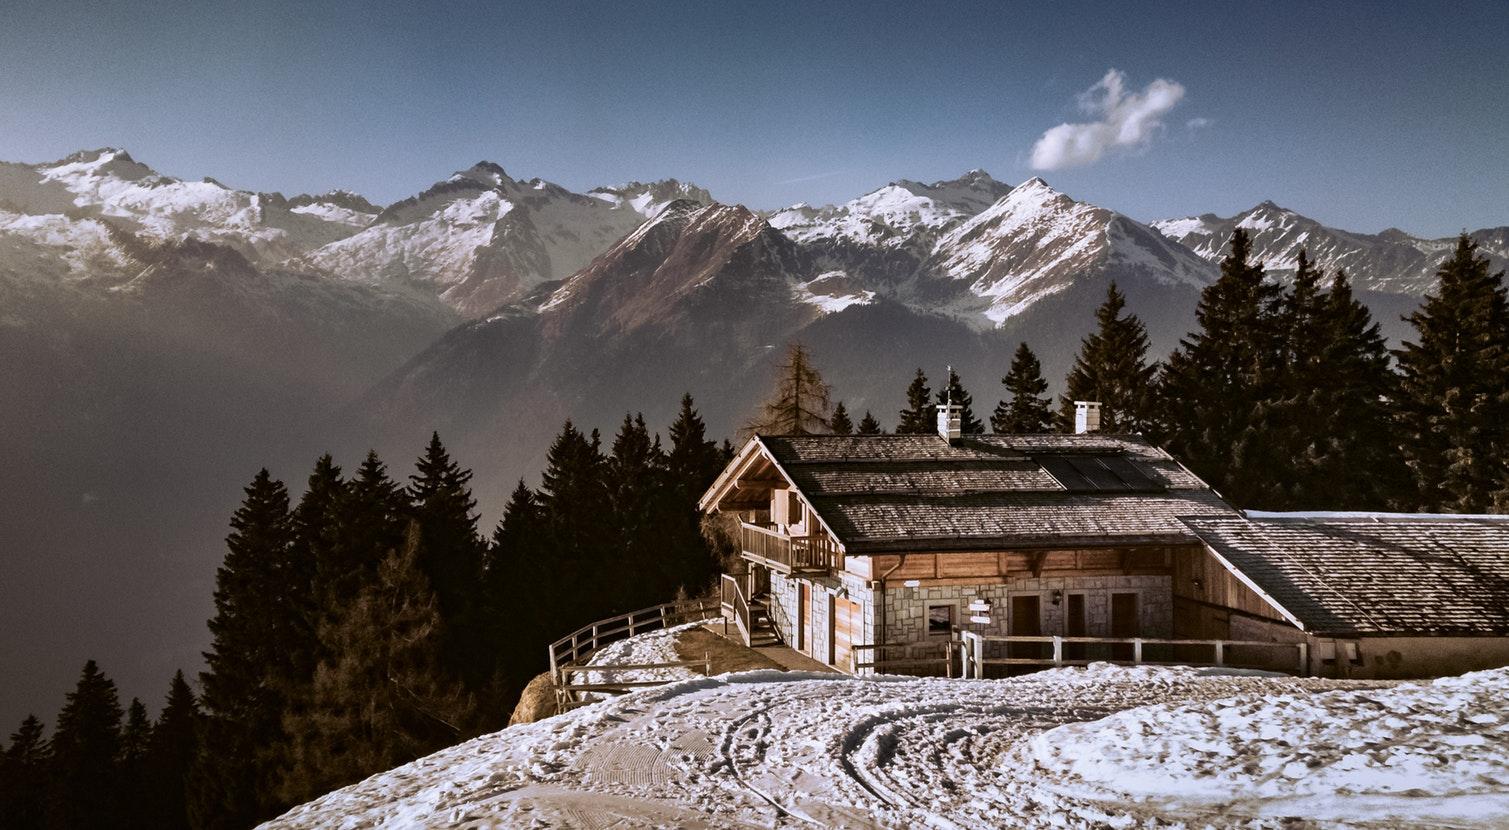 Find The Best Ski Resort This Winter